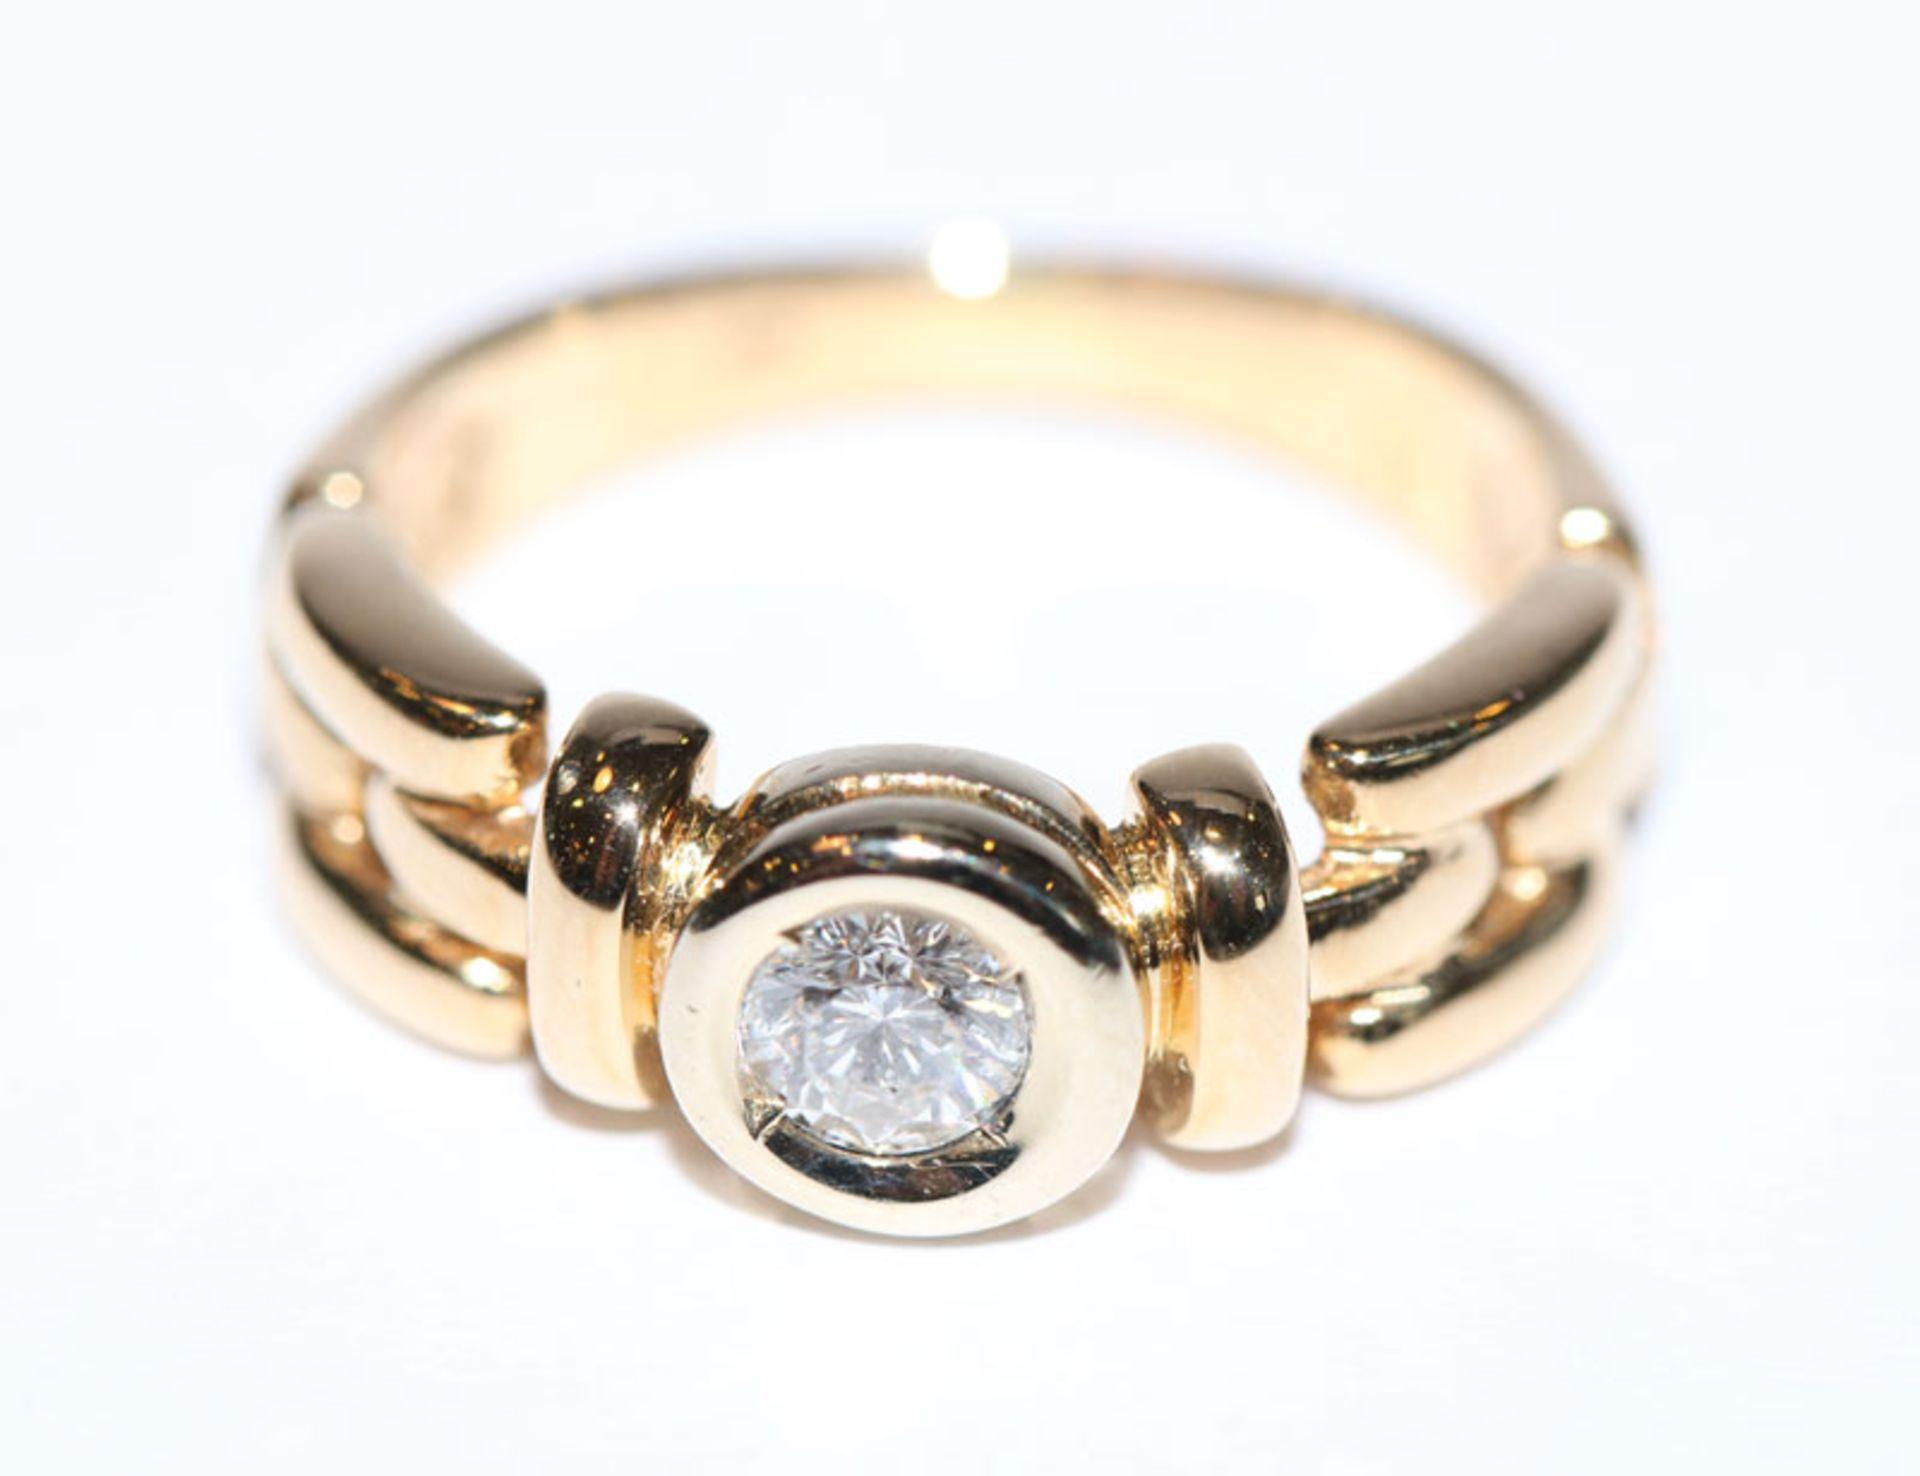 14 k Gelbgold Ring mit in Weißgold gefaßten Diamanten, ca. 0,25 ct. wesselton, Gr. 52